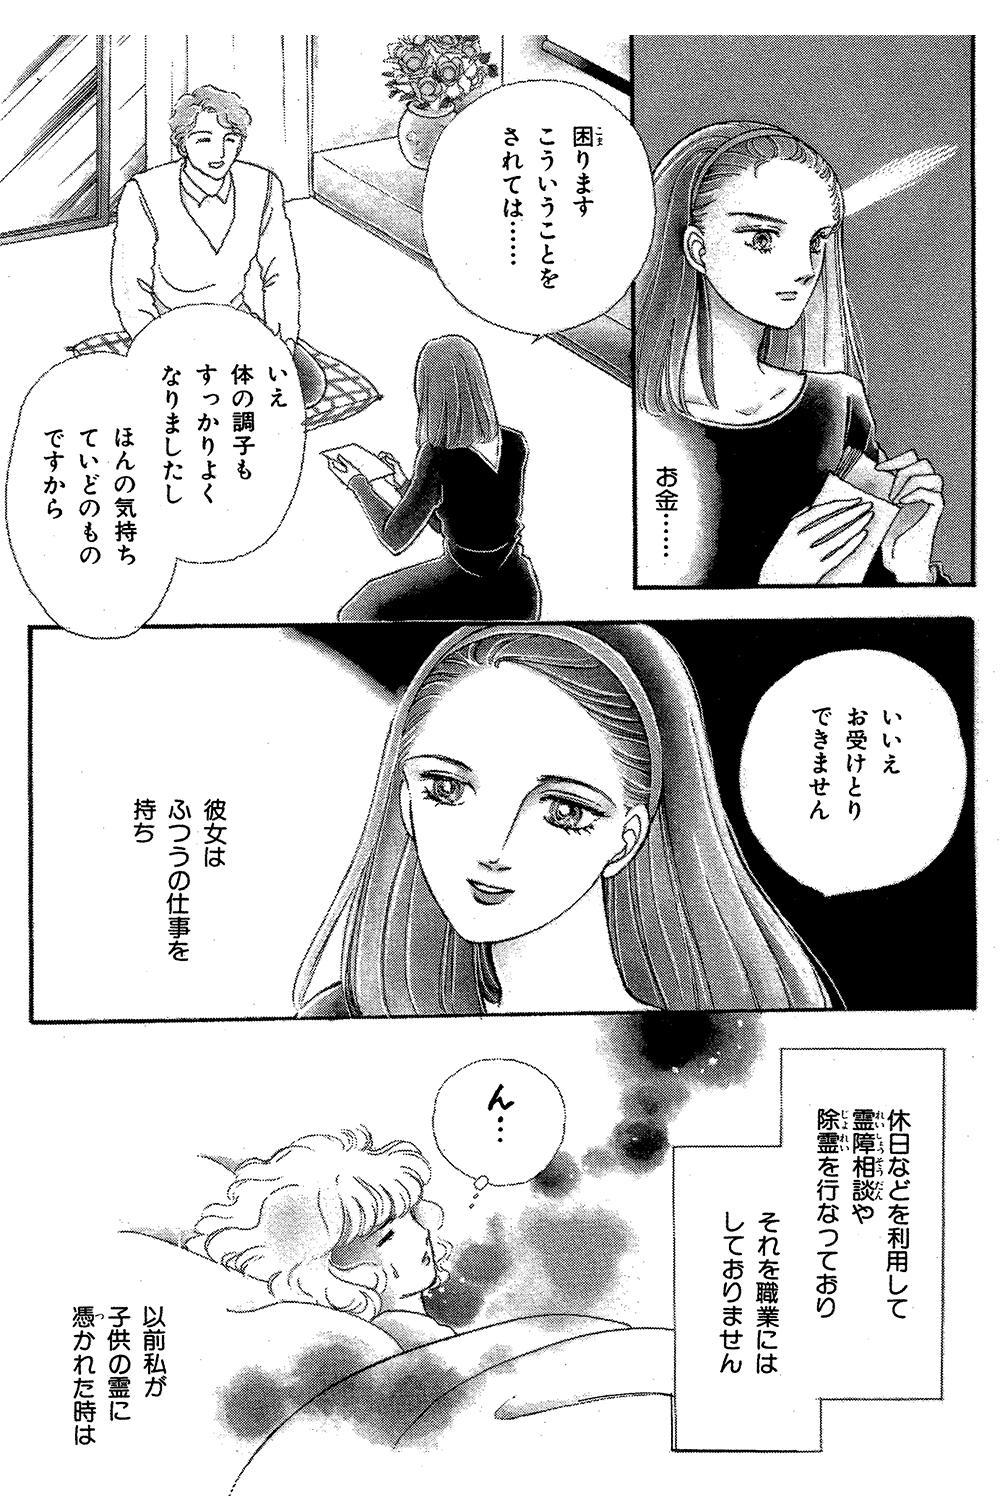 魔百合の恐怖報告 第1話「部屋の隅の白い影」①mayuri03.jpg